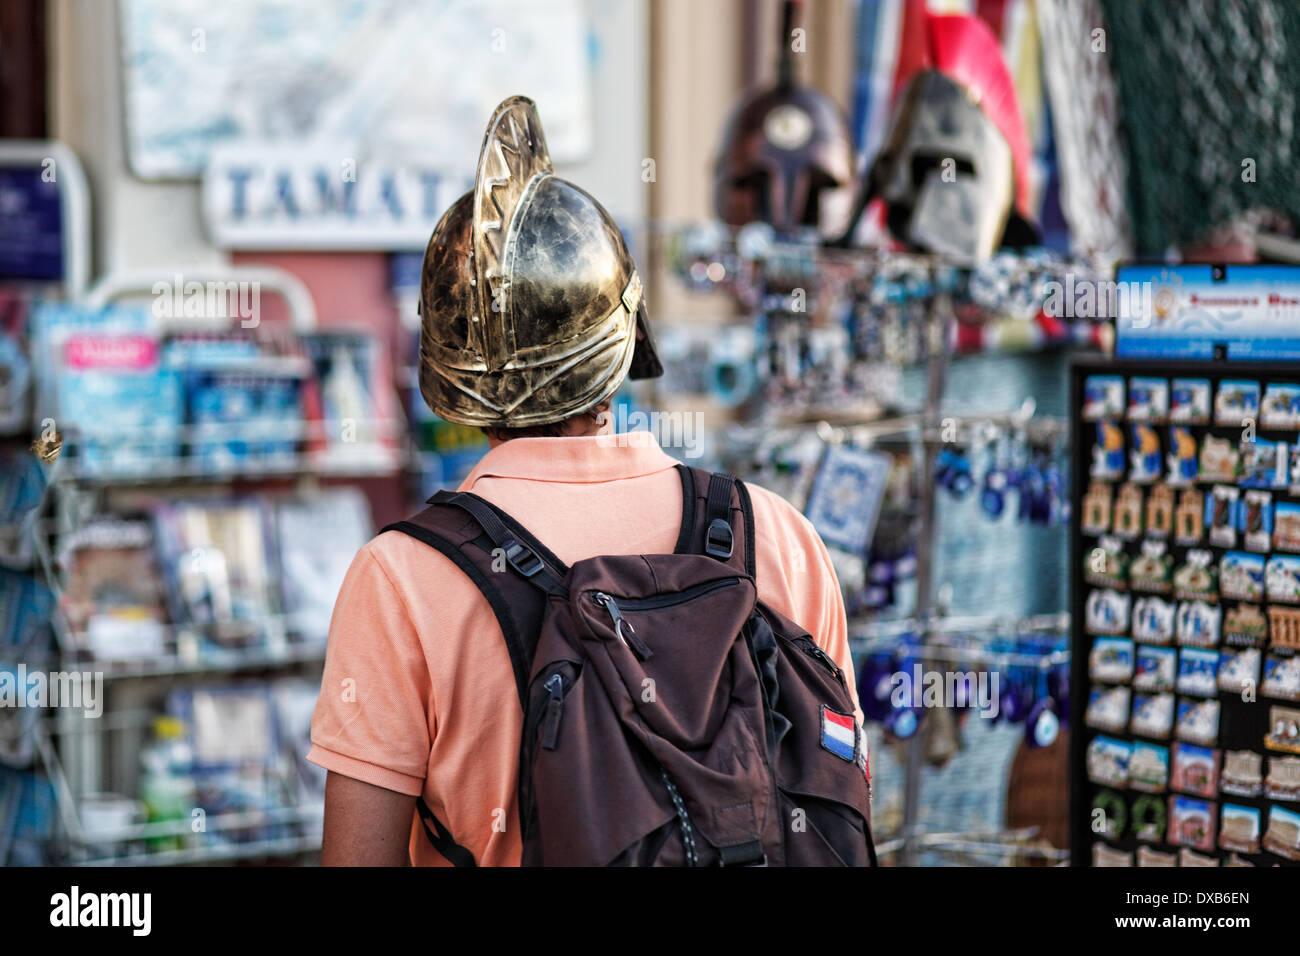 Un turista con casco en las calles de Atenas, Grecia Imagen De Stock